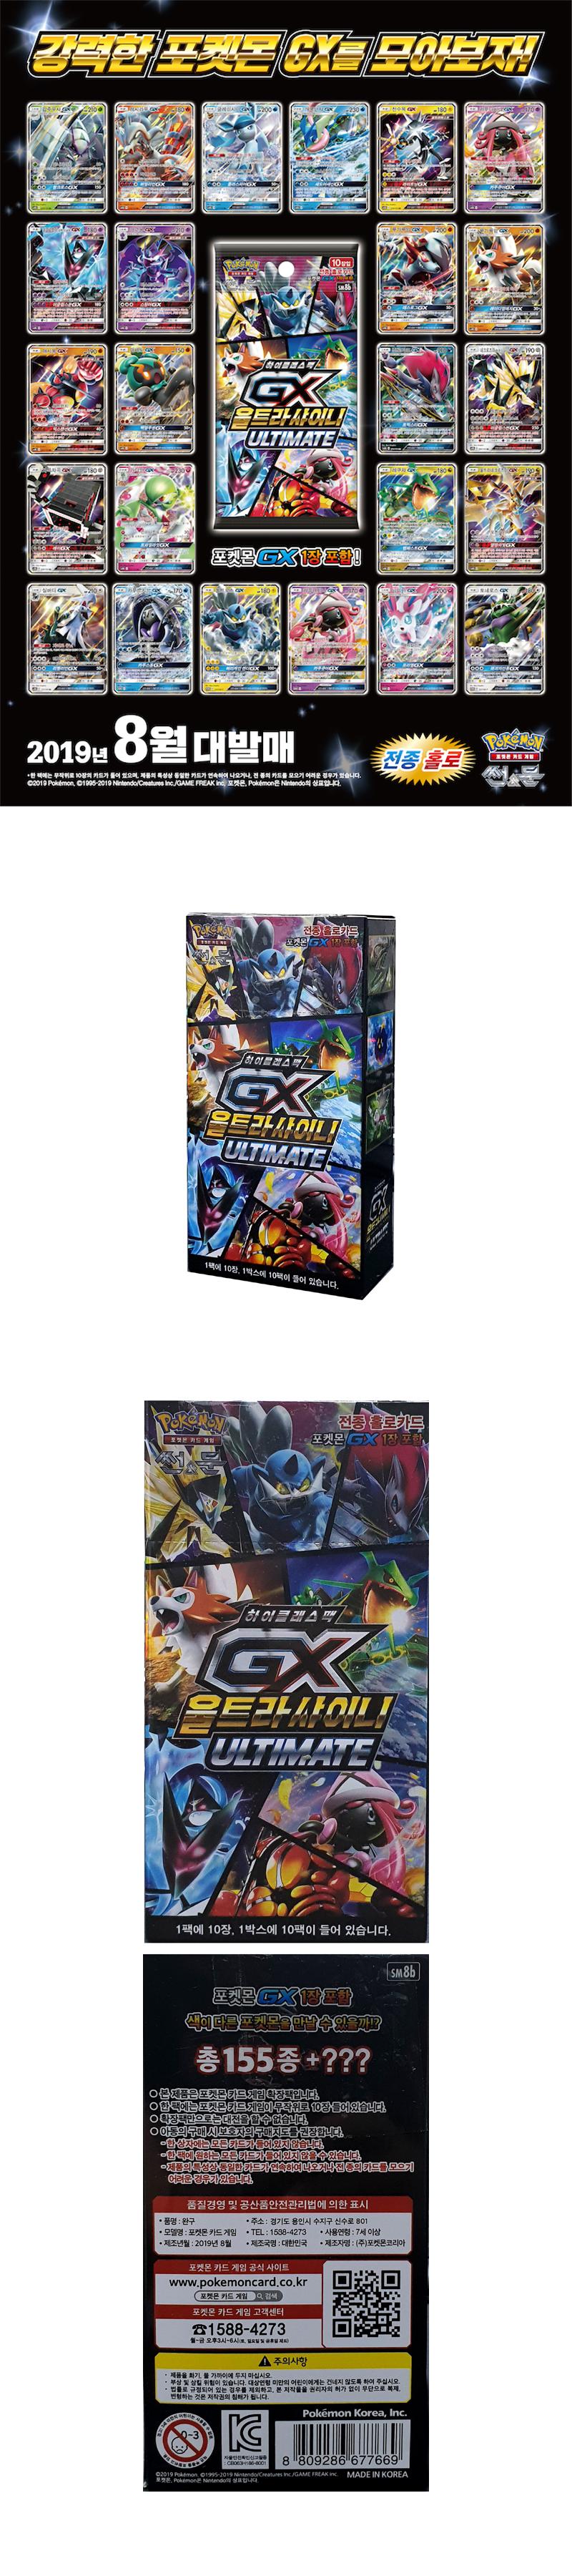 포켓몬카드 하이클래스팩 GX 울트라샤이니 얼티메이트 - 펜마트, 39,500원, 보드게임, 카드 게임